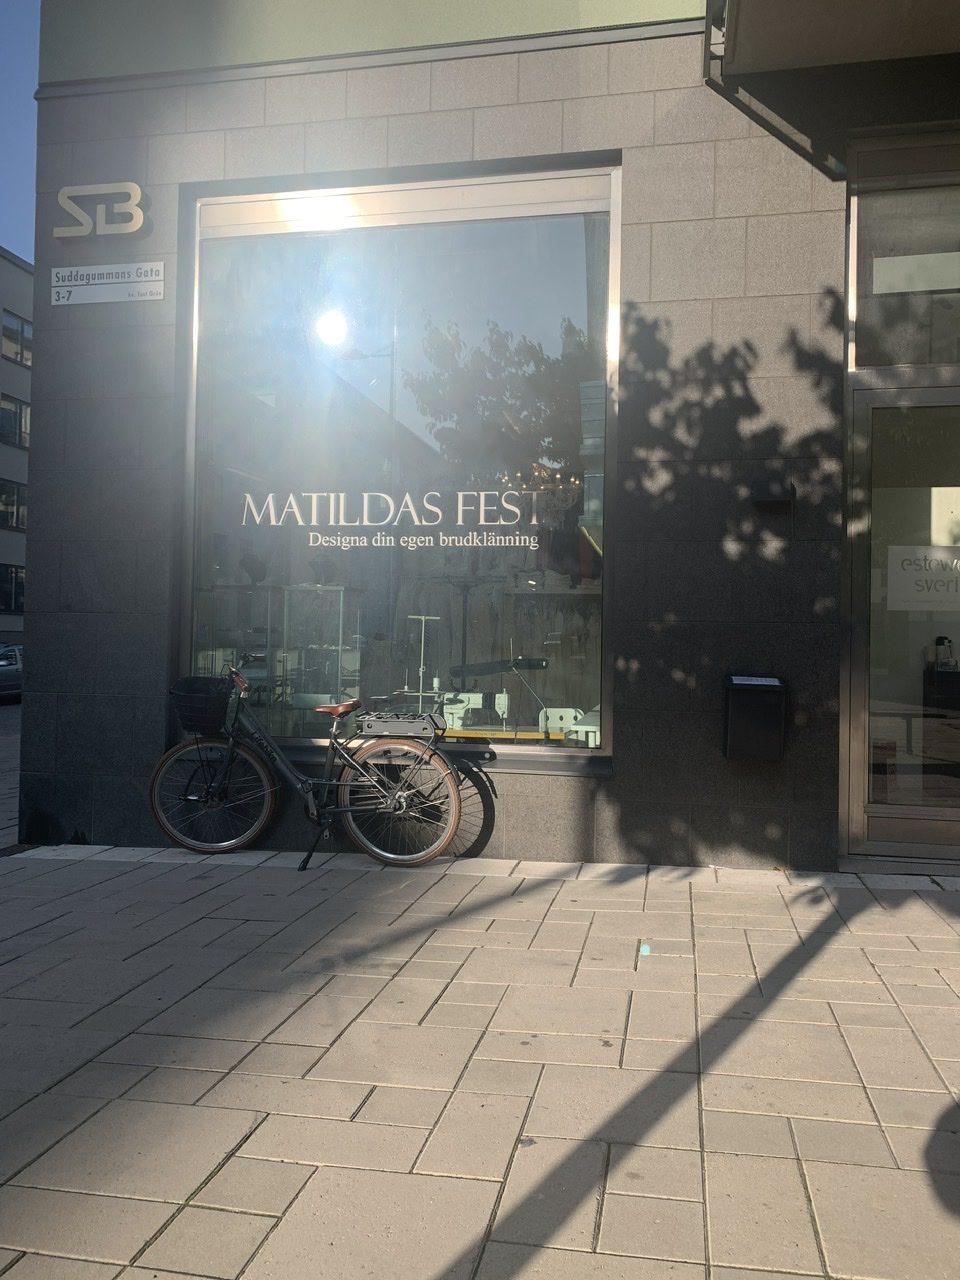 Matildas